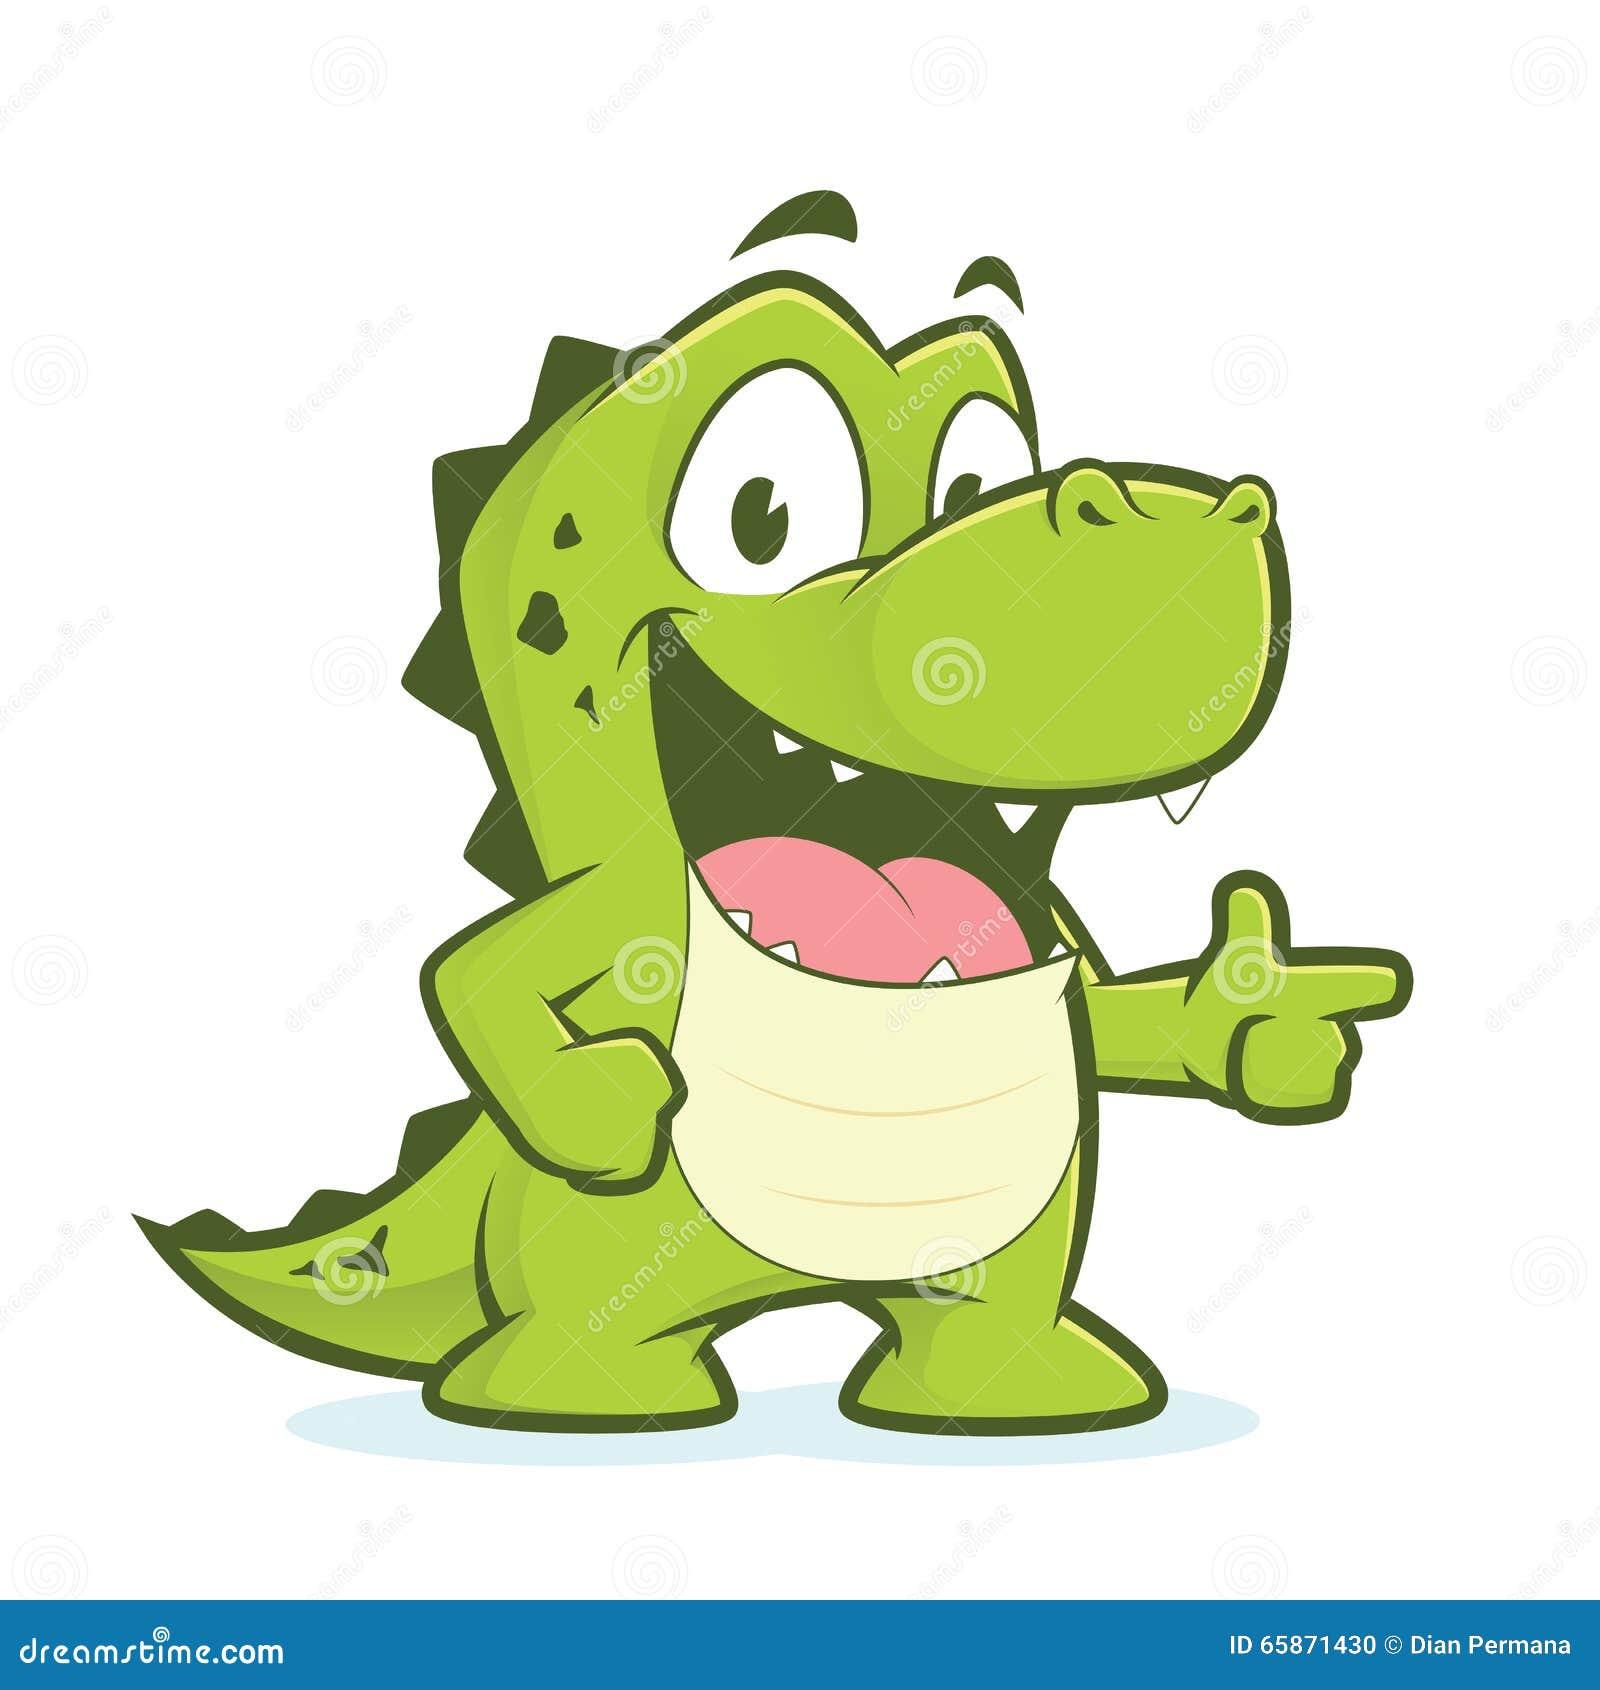 crocodile or alligator pointing stock vector scoreboard clipart scoreboard clipart black and white